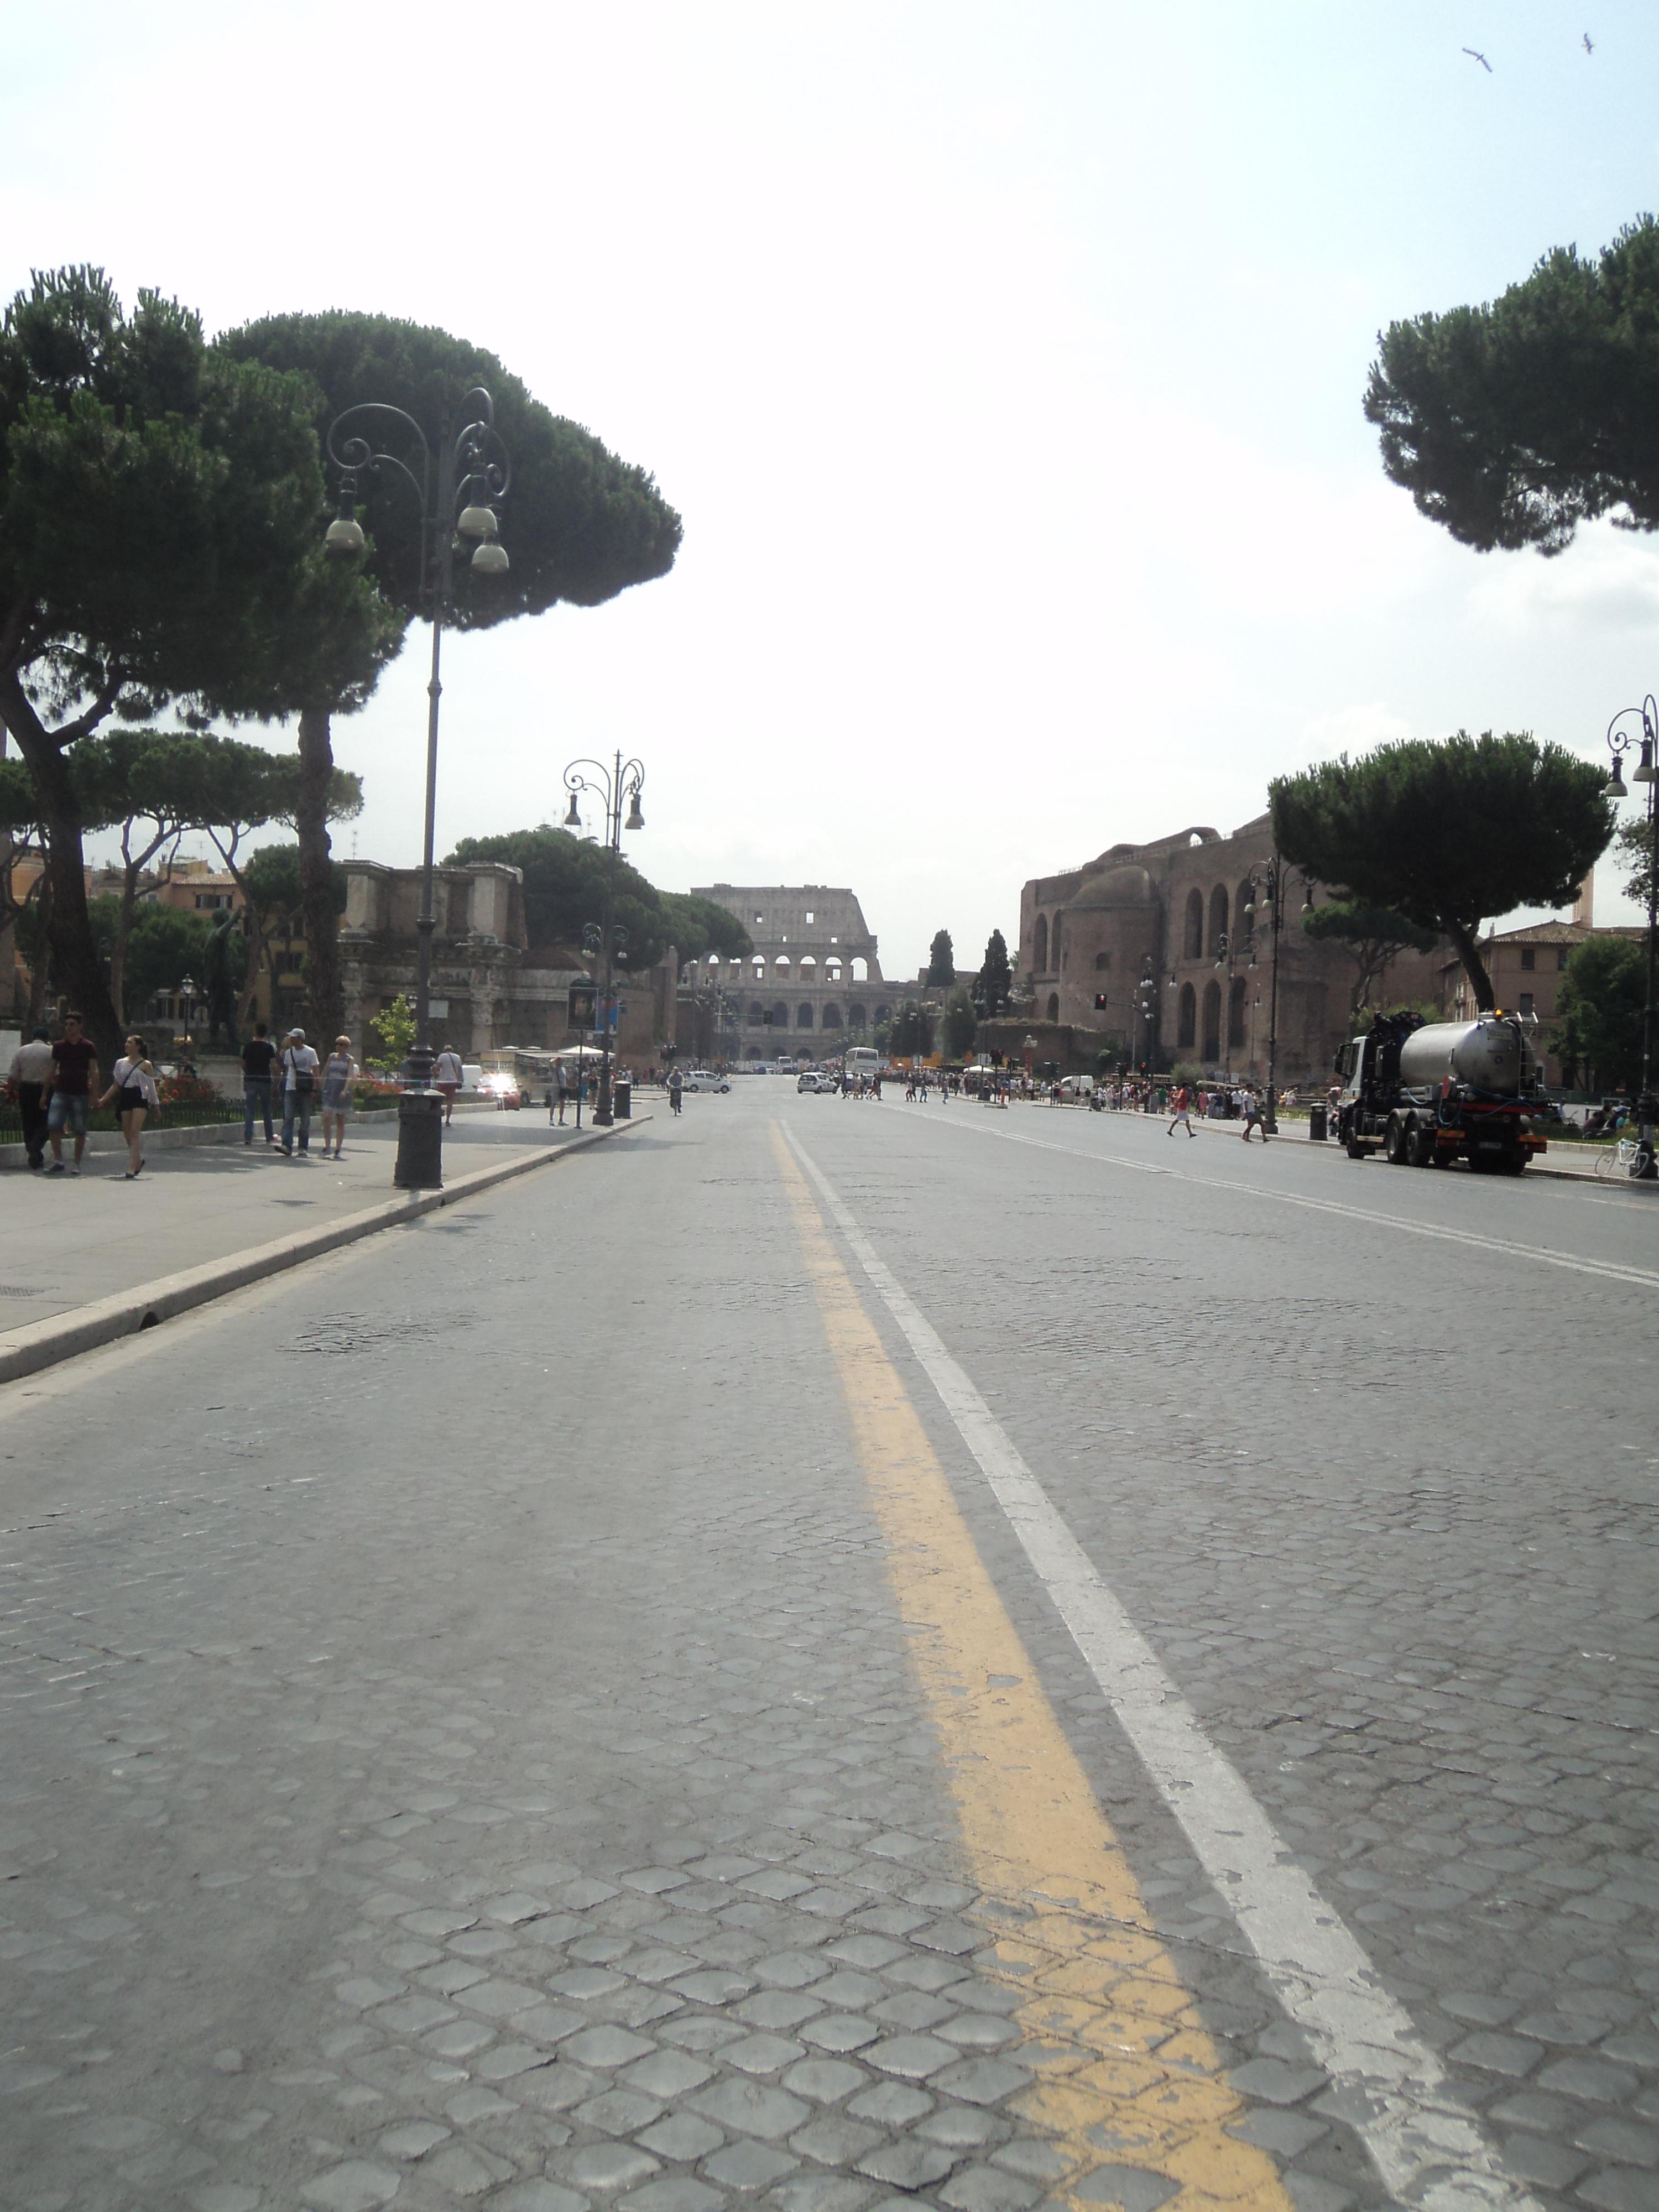 Via_dei_Fori_Imperiali_(Rome)